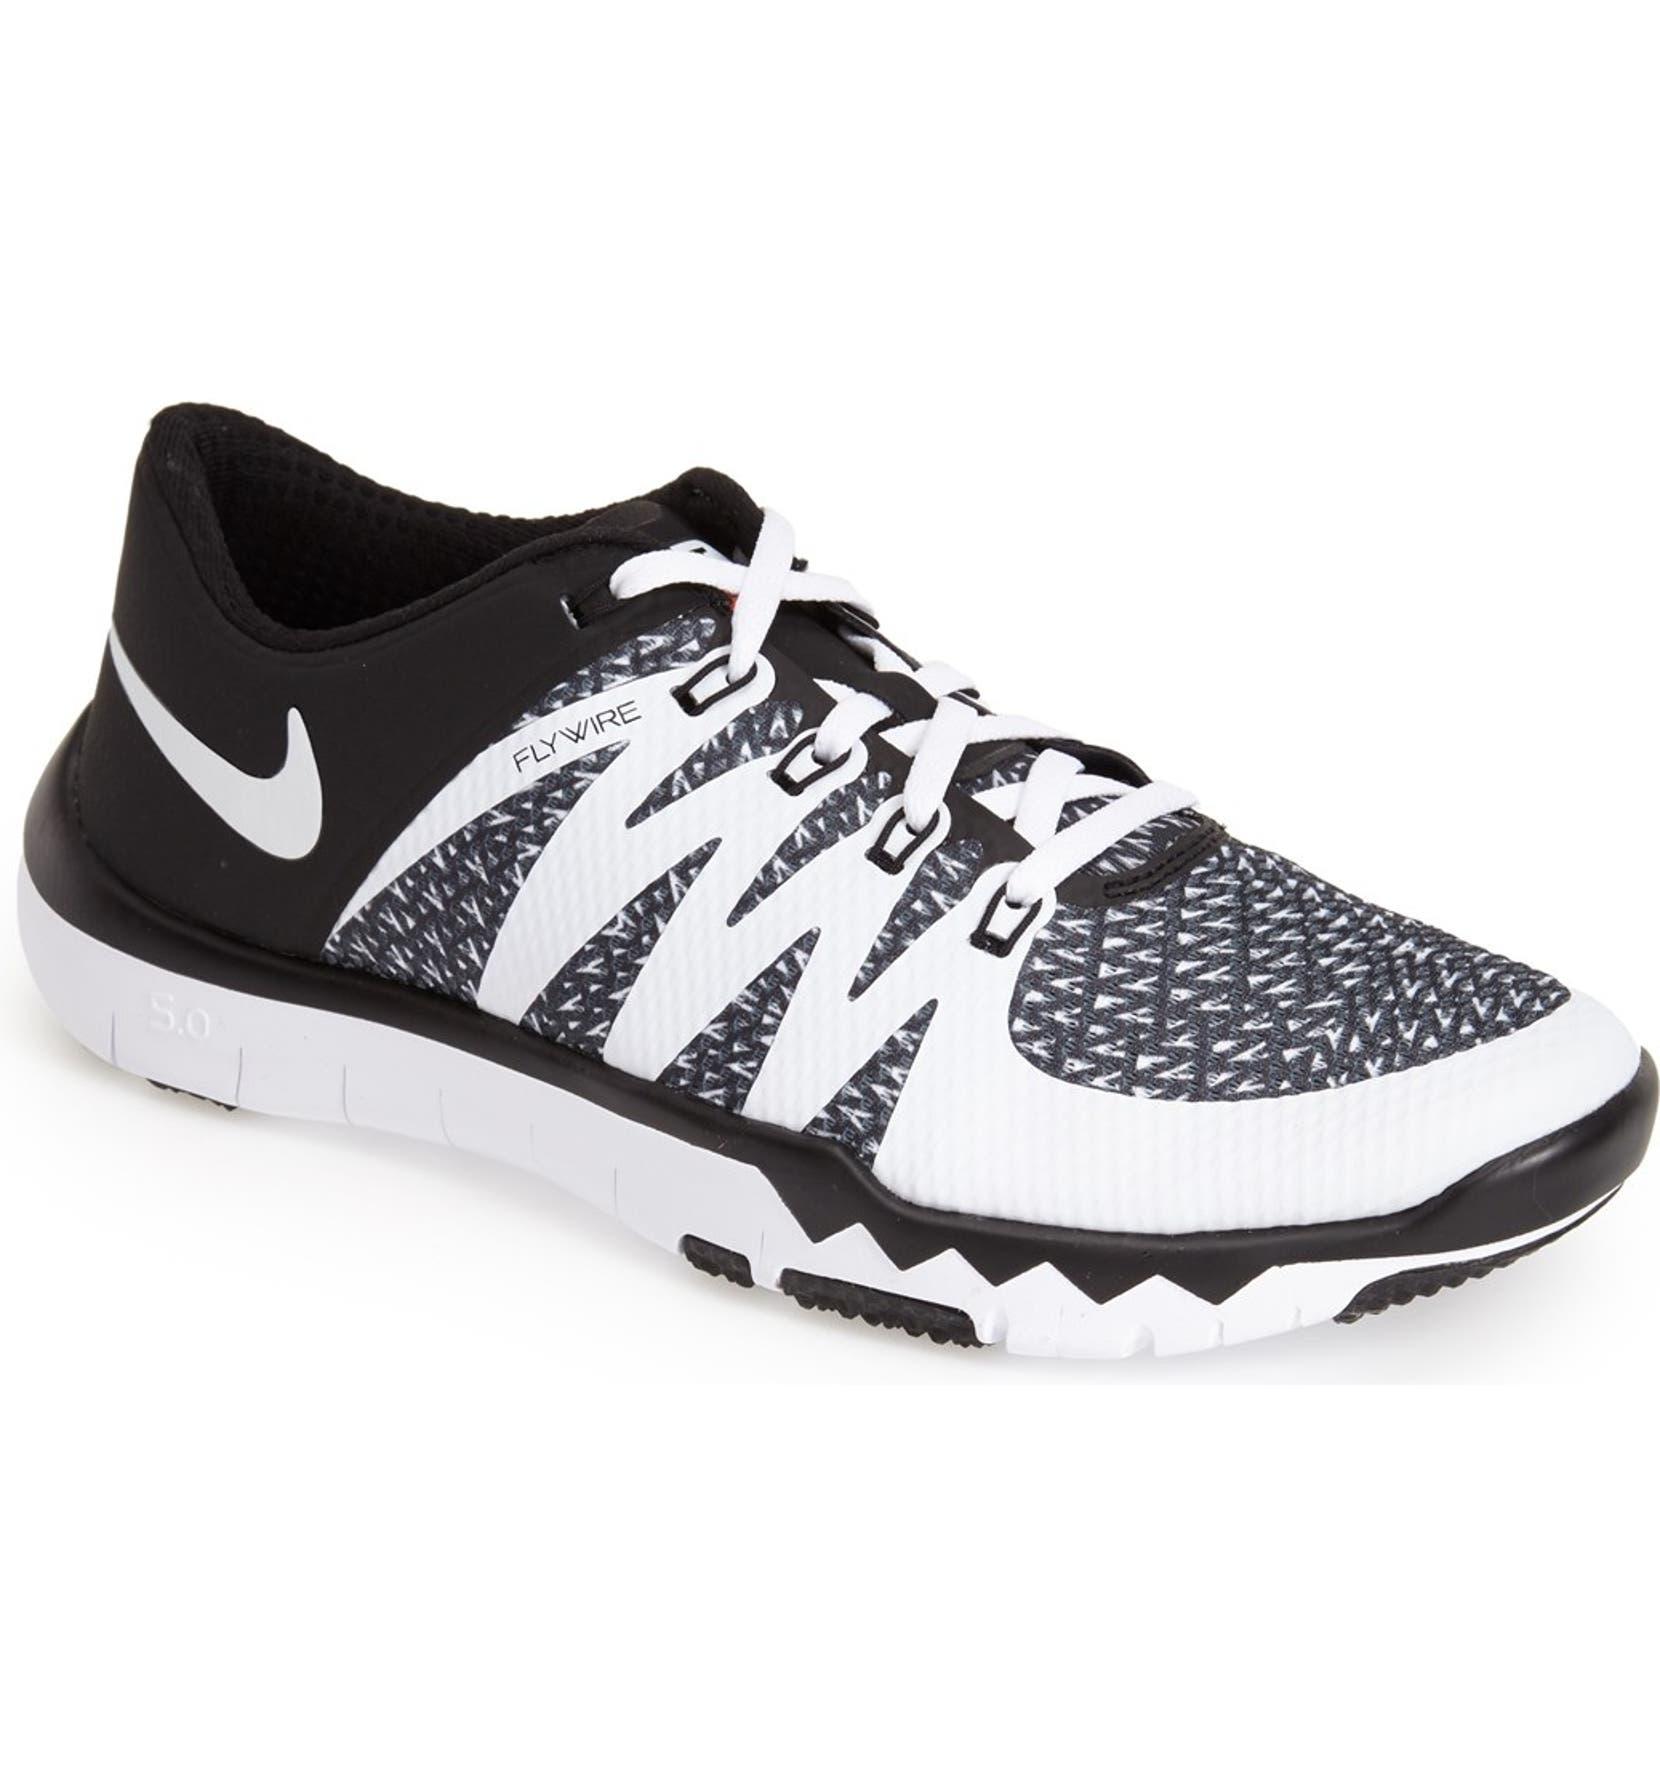 big sale a3e84 81ea2 'Free Trainer 5.0 Amp' Training Shoe